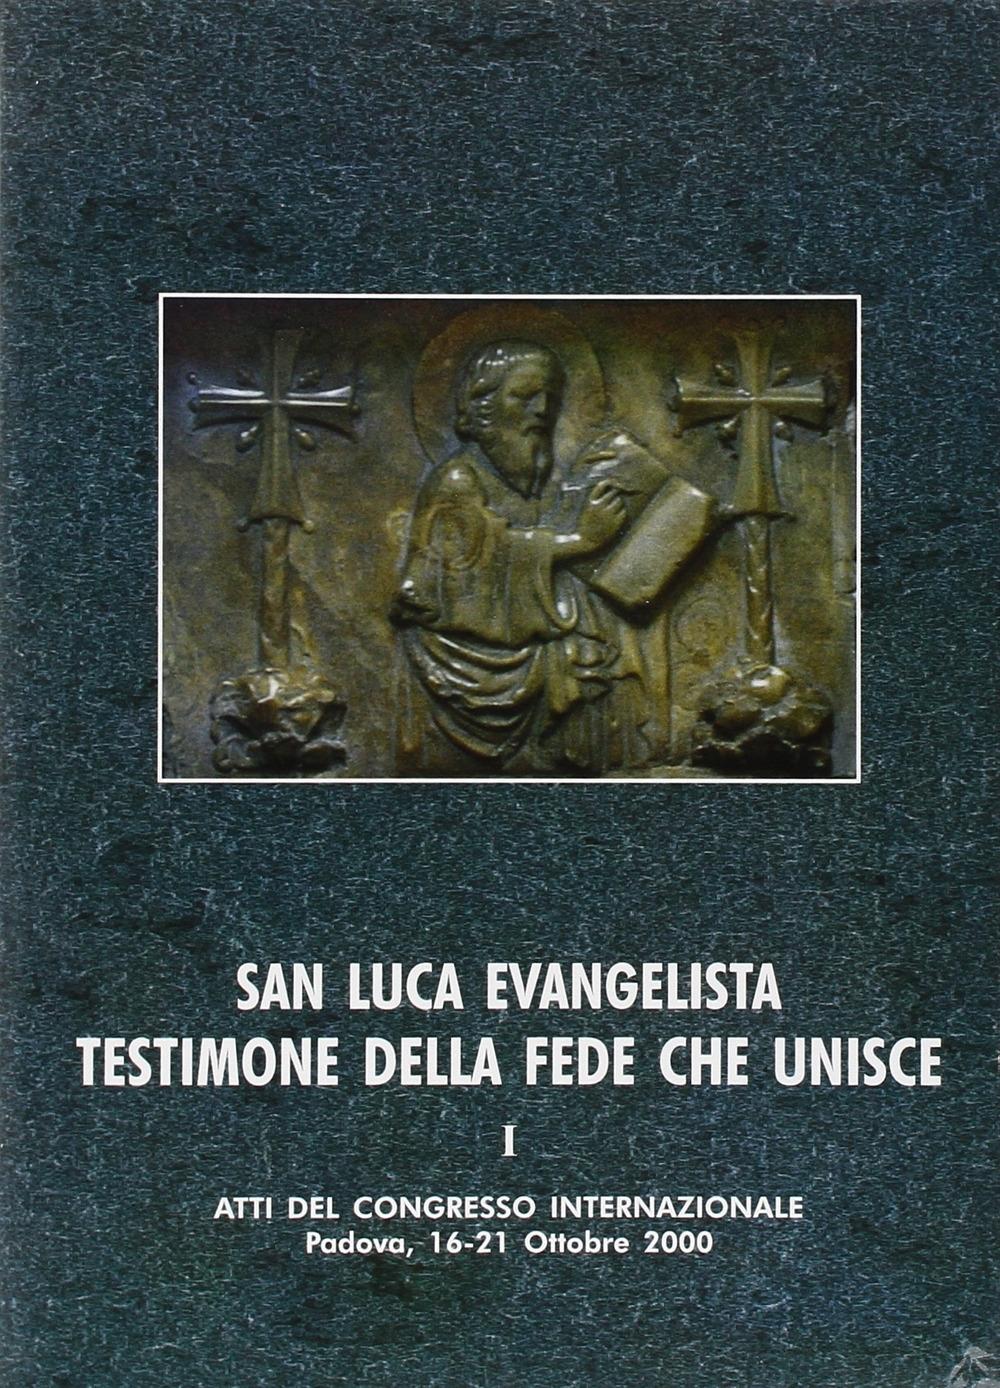 San Luca evangelista testimone della fede che unisce. Atti del Convegno internazionale (Padova, 16-21 ottobre 2000). Vol. 1: L'unità letteraria e teologica dell'opera di Luca